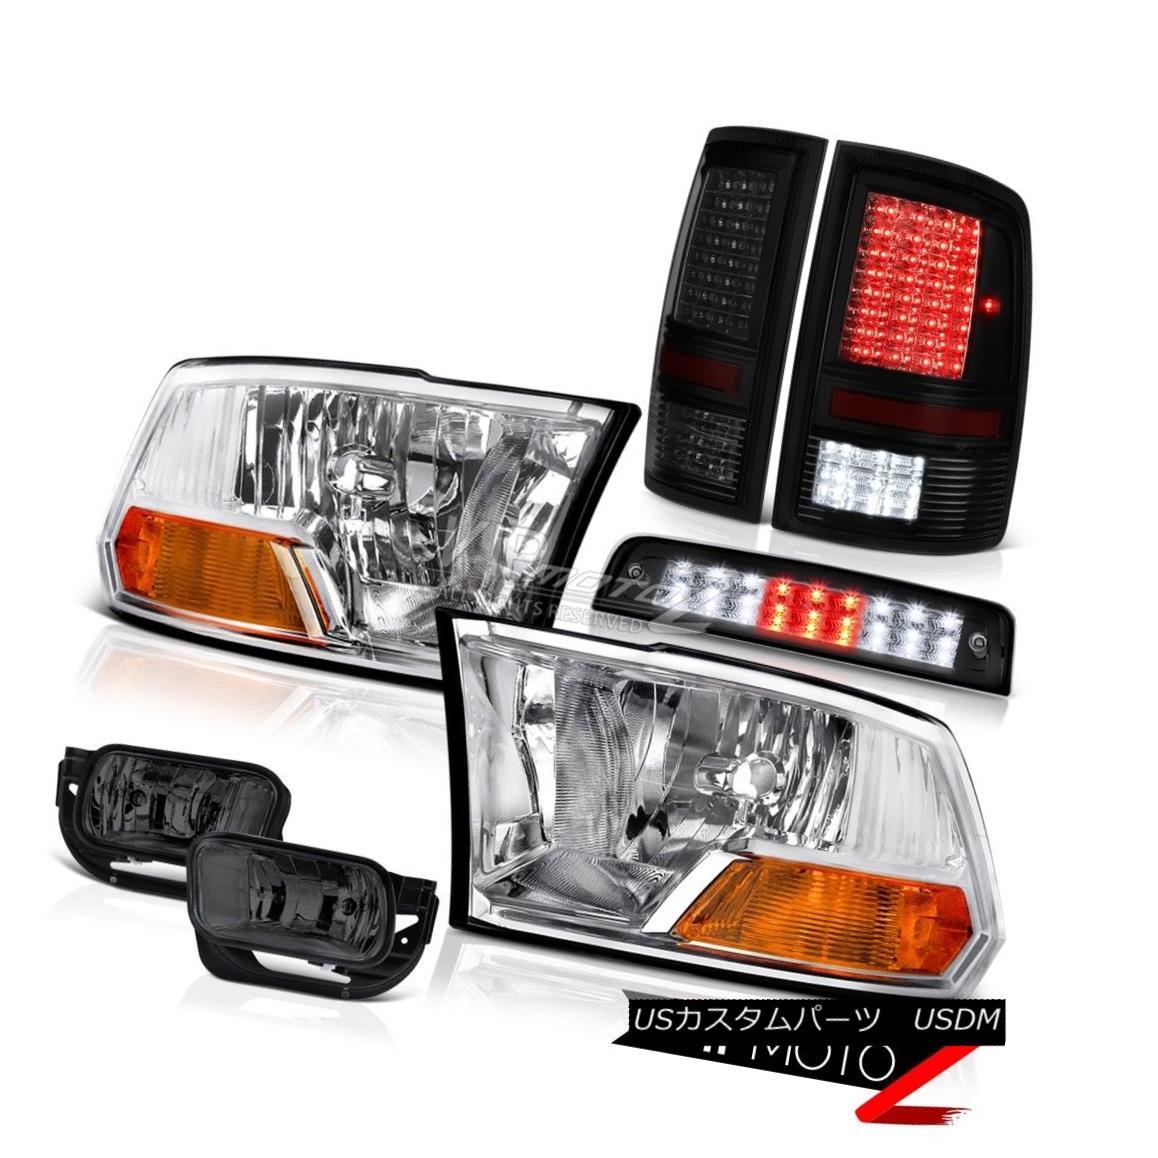 ヘッドライト 09-16 Ram 1500 2500 3500 5.7L Third Brake Lamp Rear Lights Foglights Headlamps 09-16ラム1500 2500 3500 5.7L第3ブレーキランプリアライトフォグライトヘッドランプ